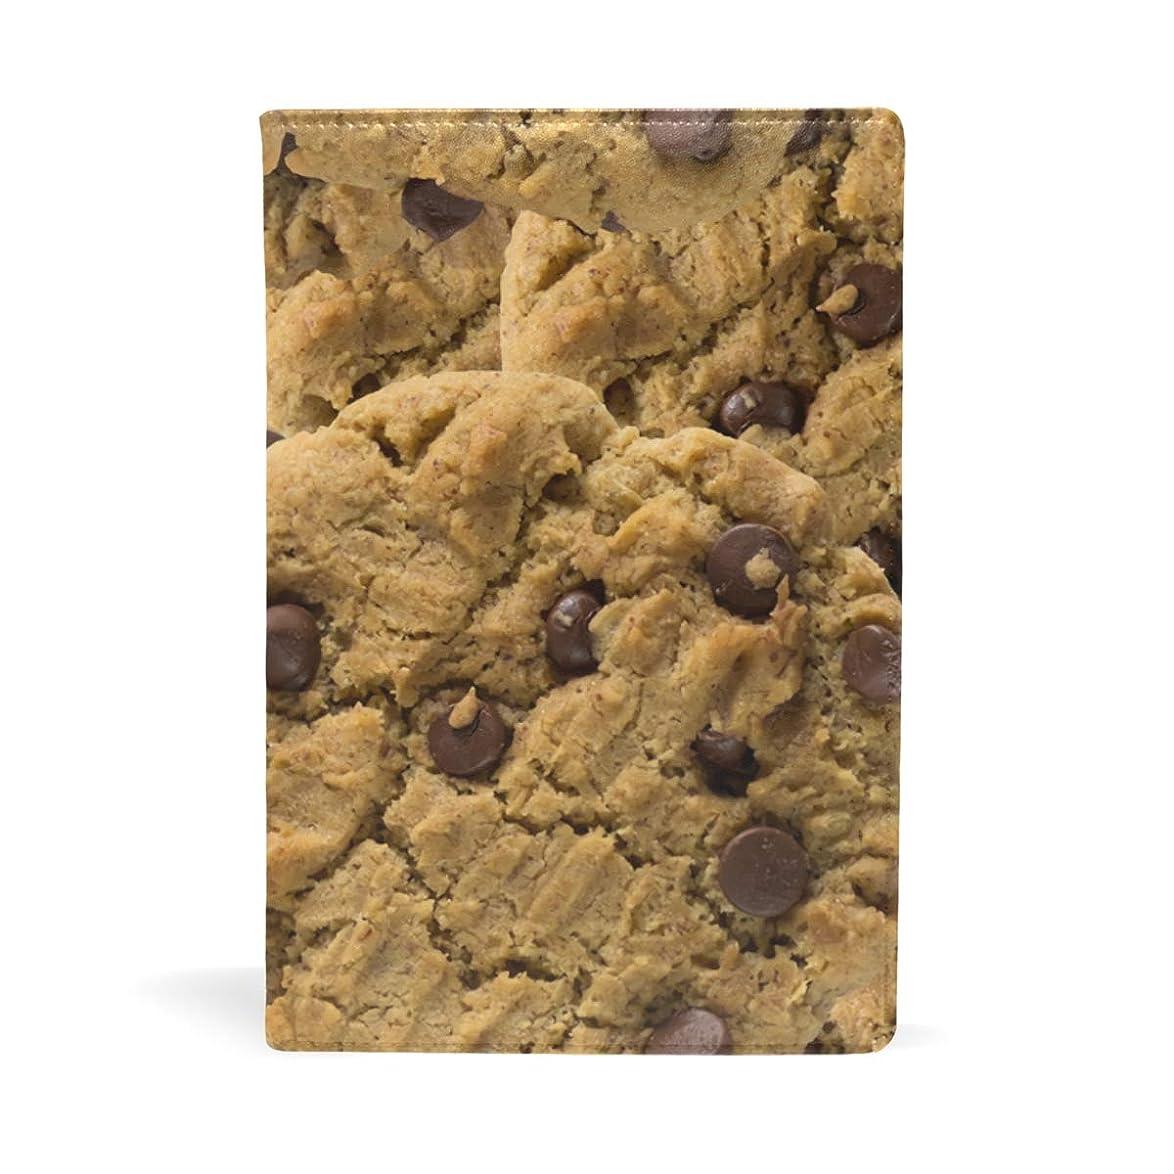 早めるローンセレナチョコのクッキー ブックカバー 文庫 a5 皮革 おしゃれ 文庫本カバー 資料 収納入れ オフィス用品 読書 雑貨 プレゼント耐久性に優れ